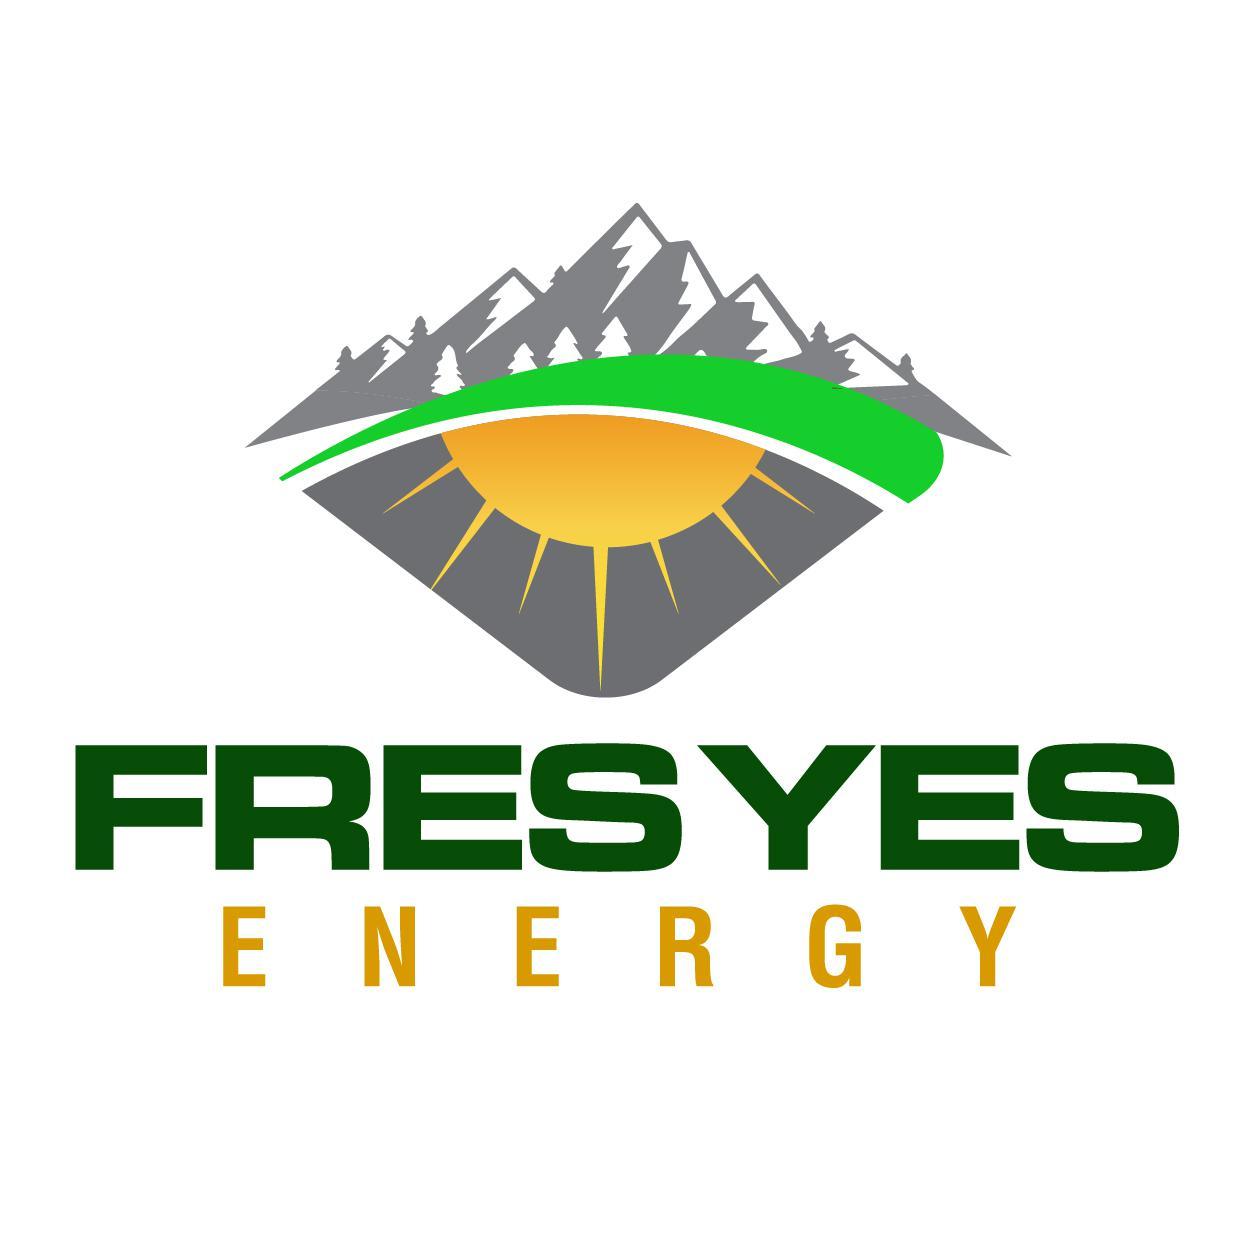 fresyes energy ff-01.jpg